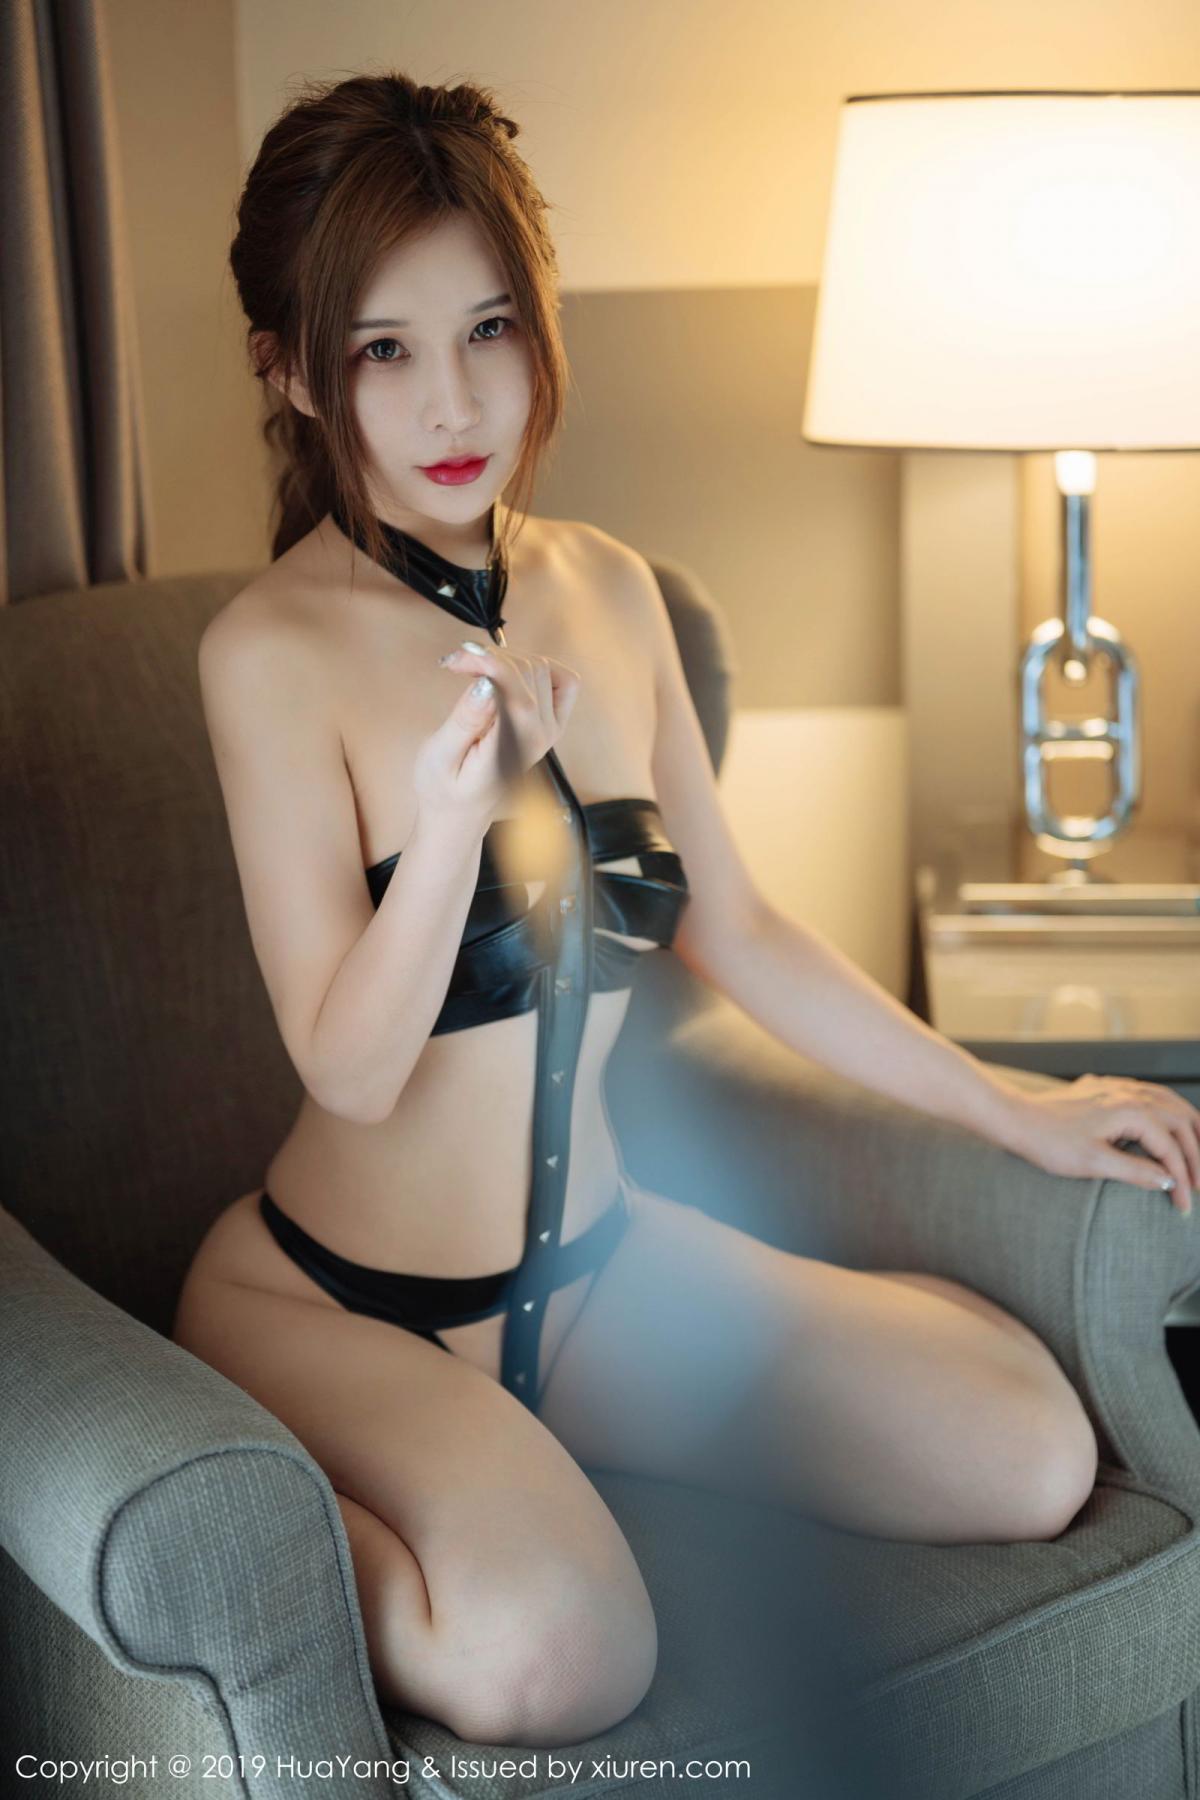 [Huayang] Vol.151 Chun Xiao Xi 21P, Chun Xiao Xi, HuaYang